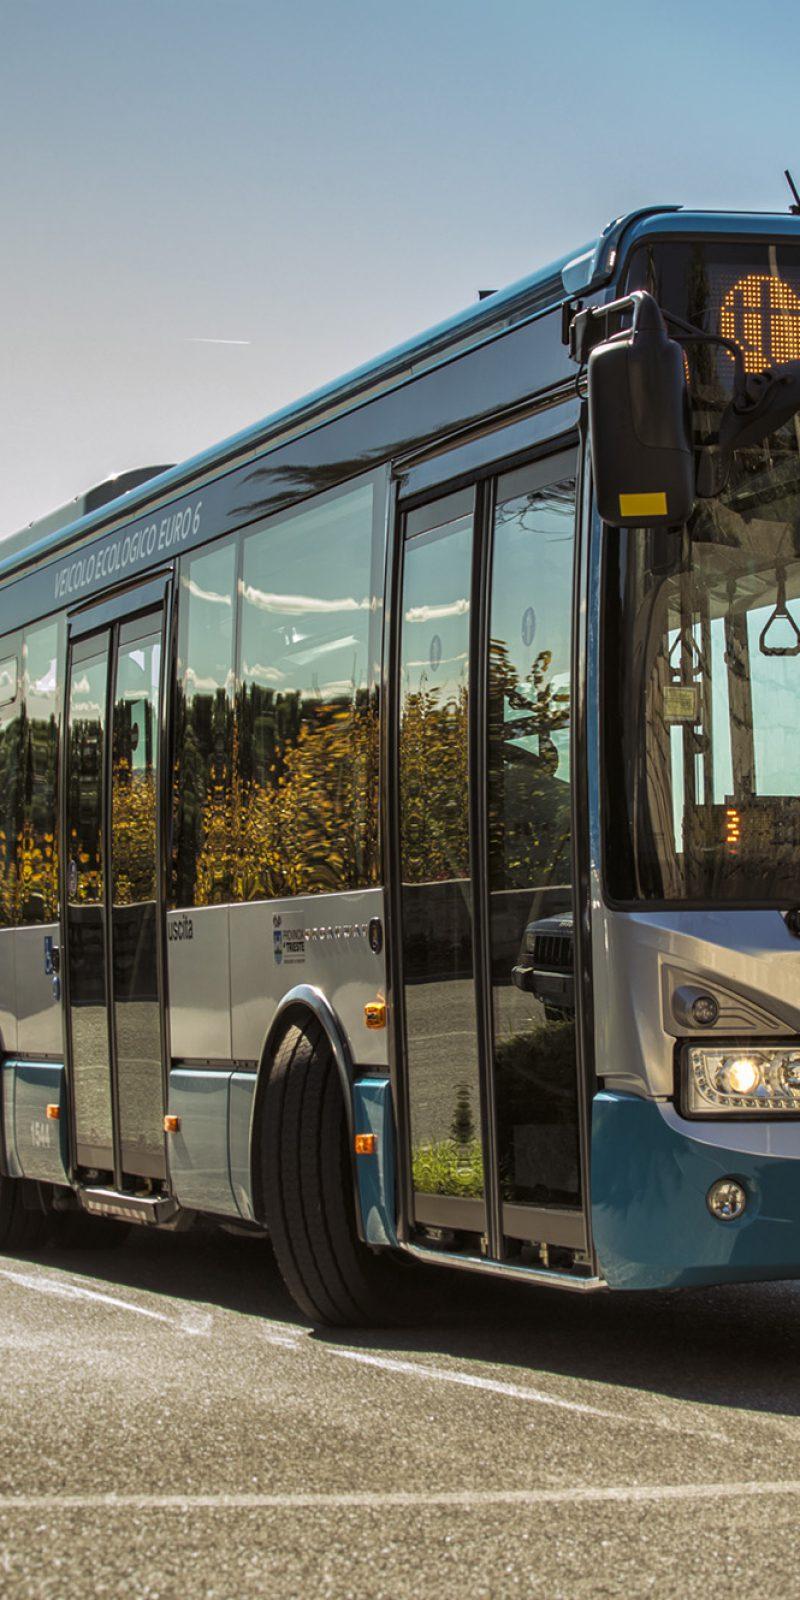 autobus 8 trieste orario - photo#26